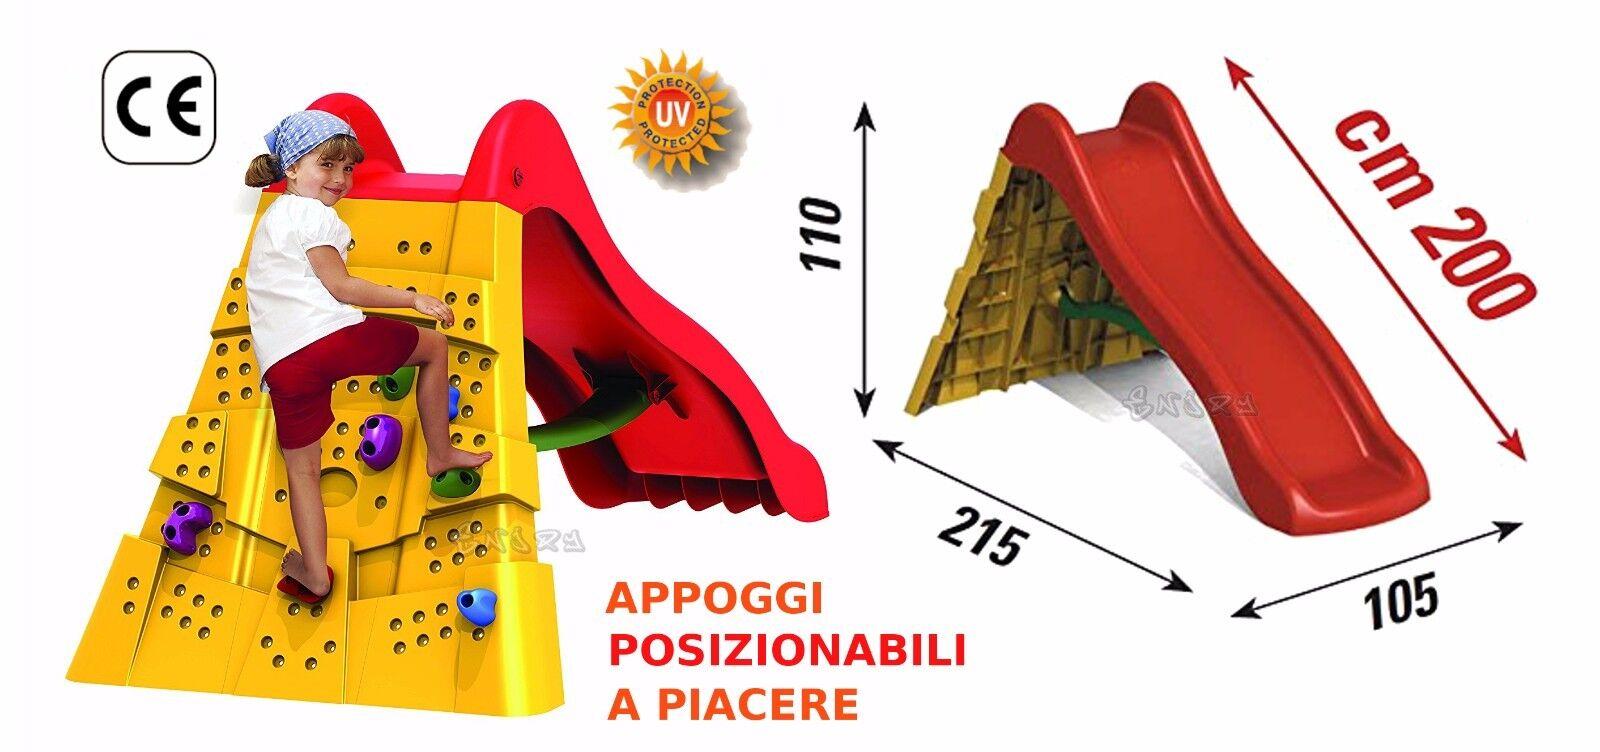 Slide Enfants with  Climbing area Game For Climb Slide CE Mark  meilleure qualité meilleur prix